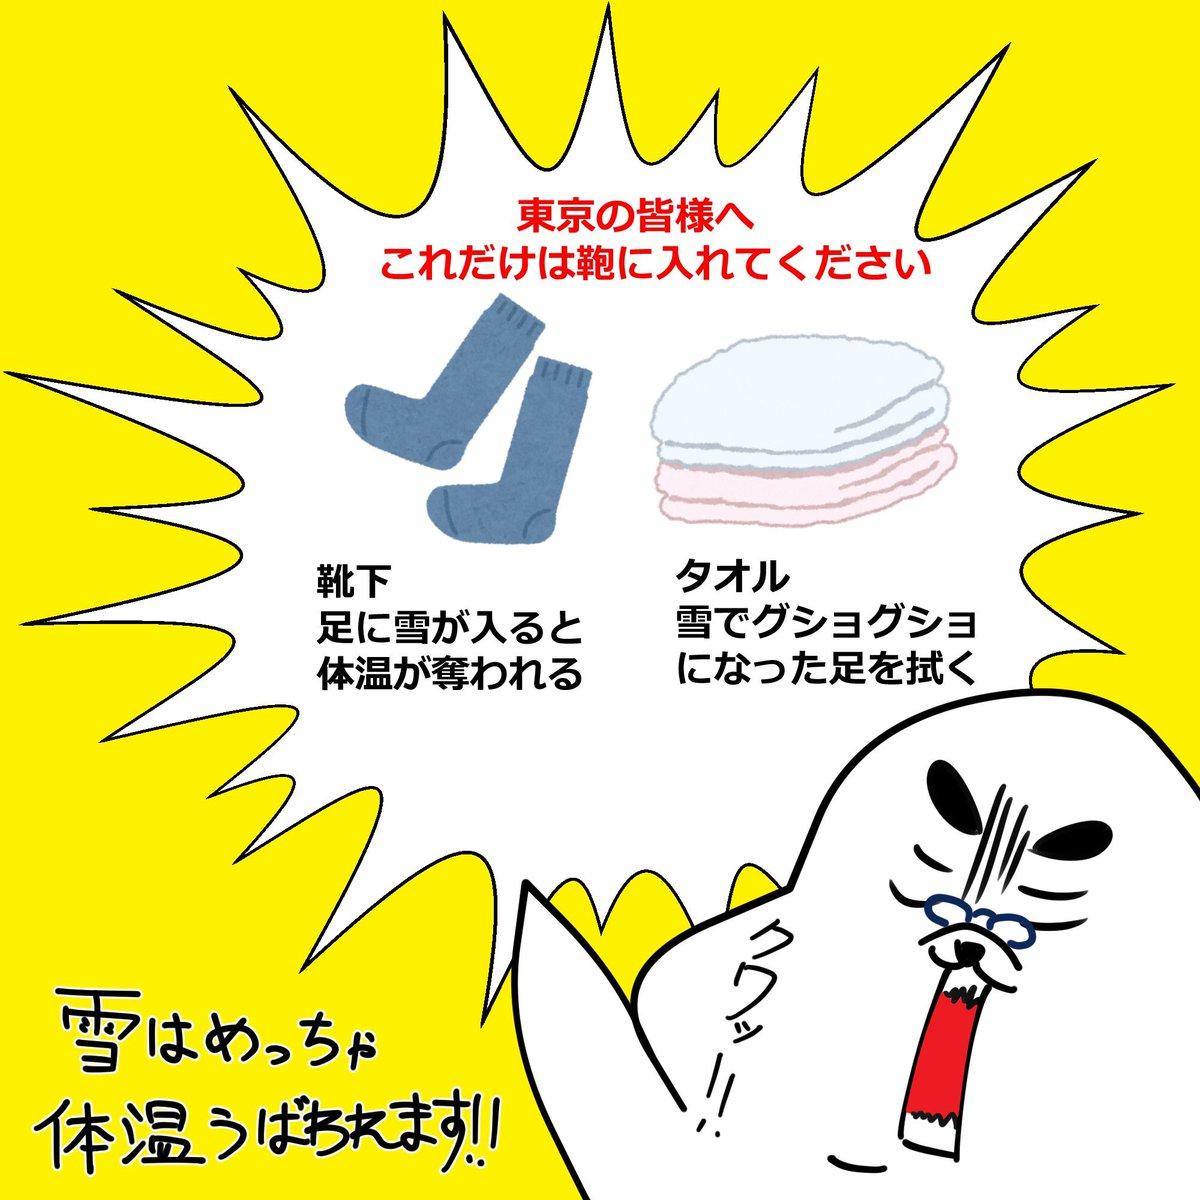 東京の皆様へ